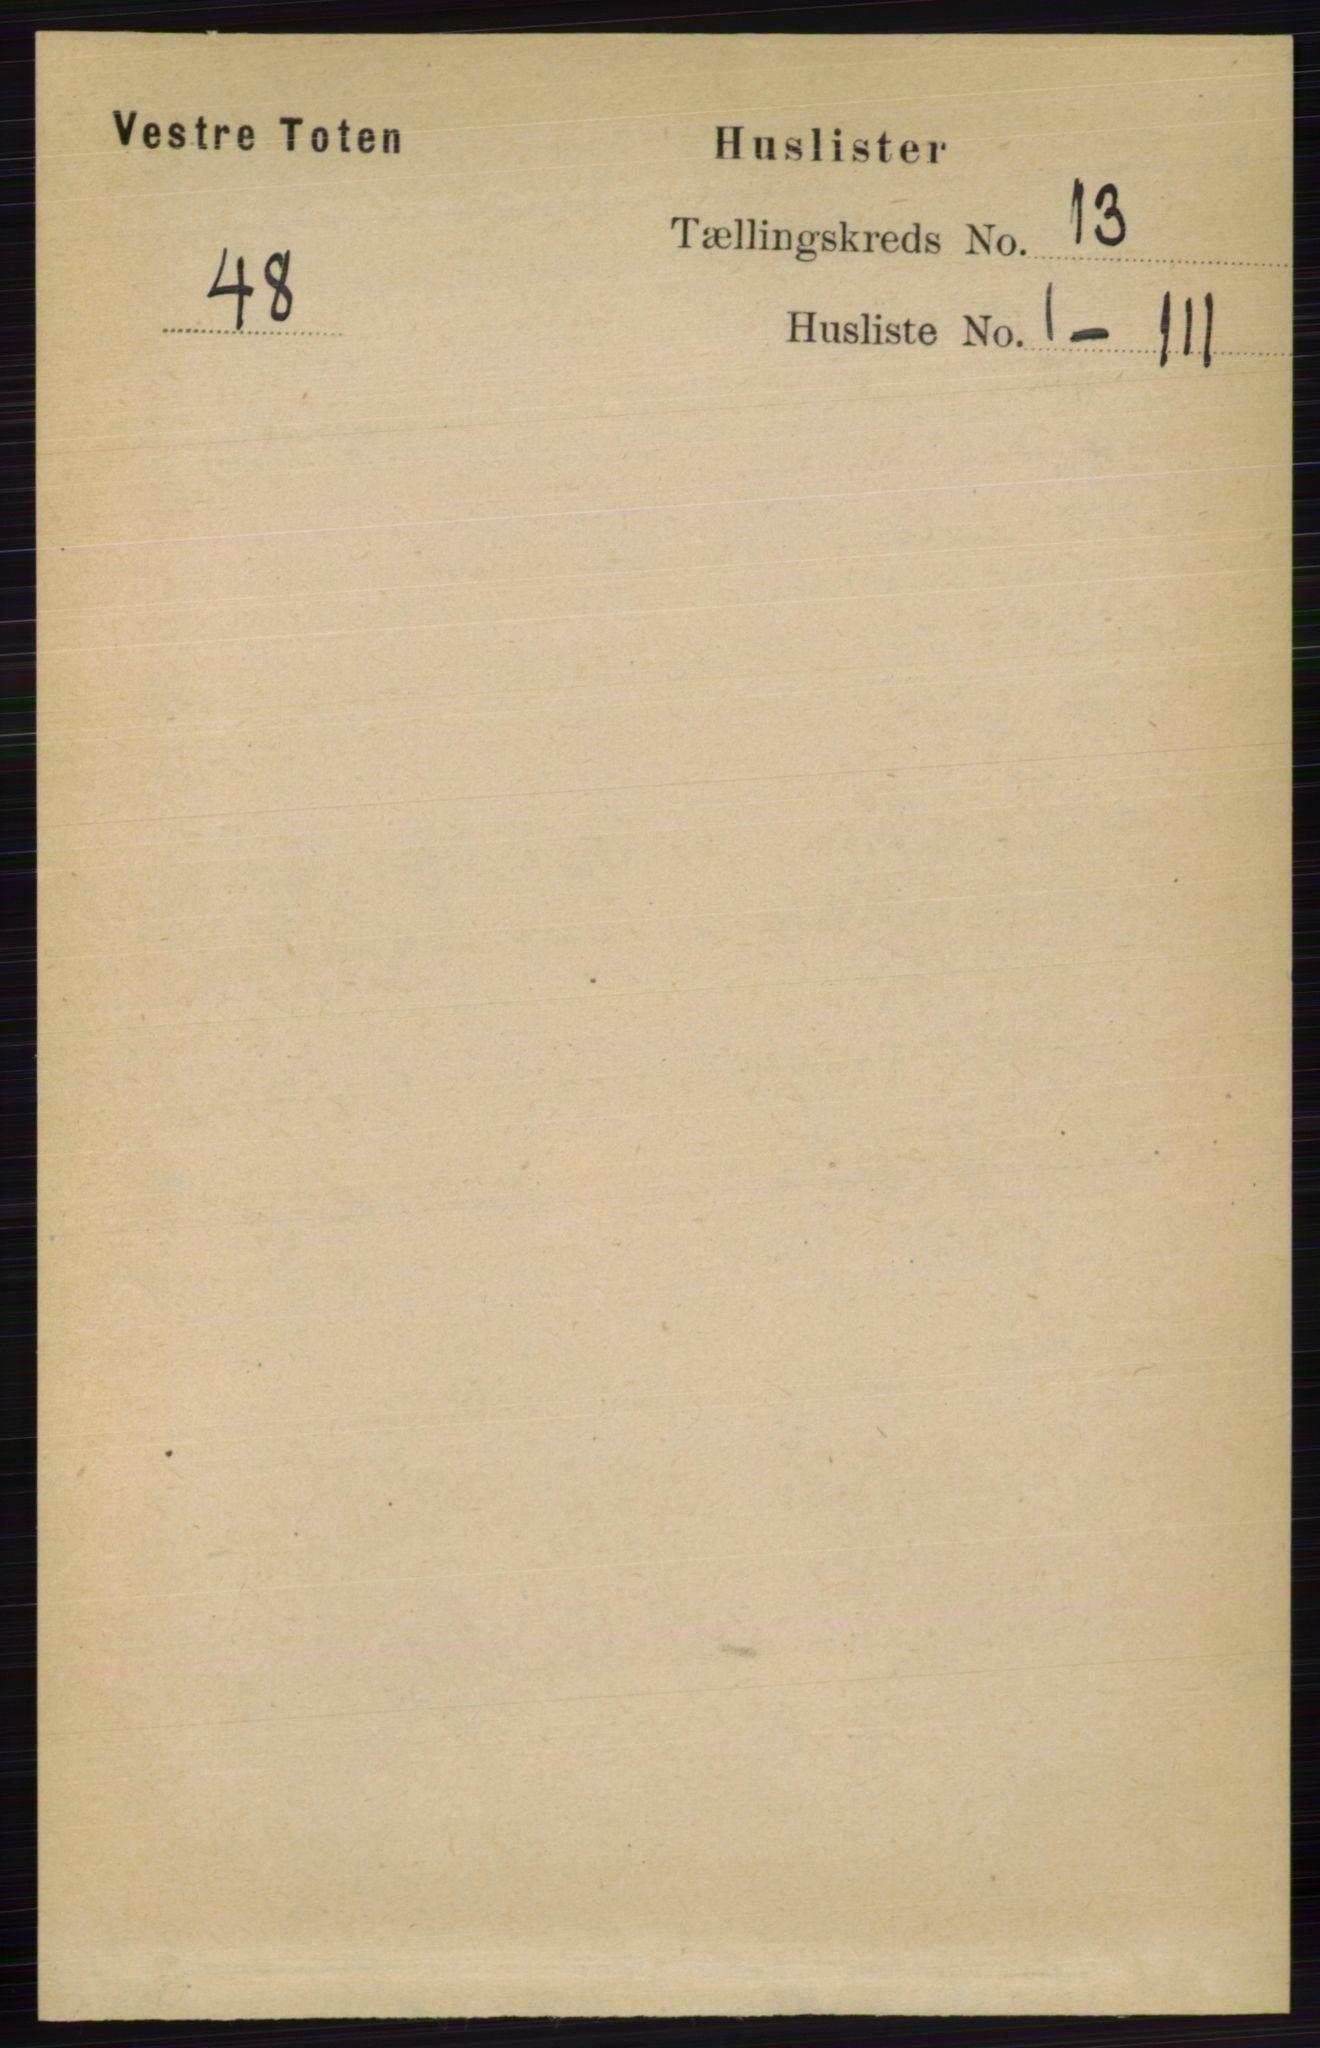 RA, Folketelling 1891 for 0529 Vestre Toten herred, 1891, s. 7700